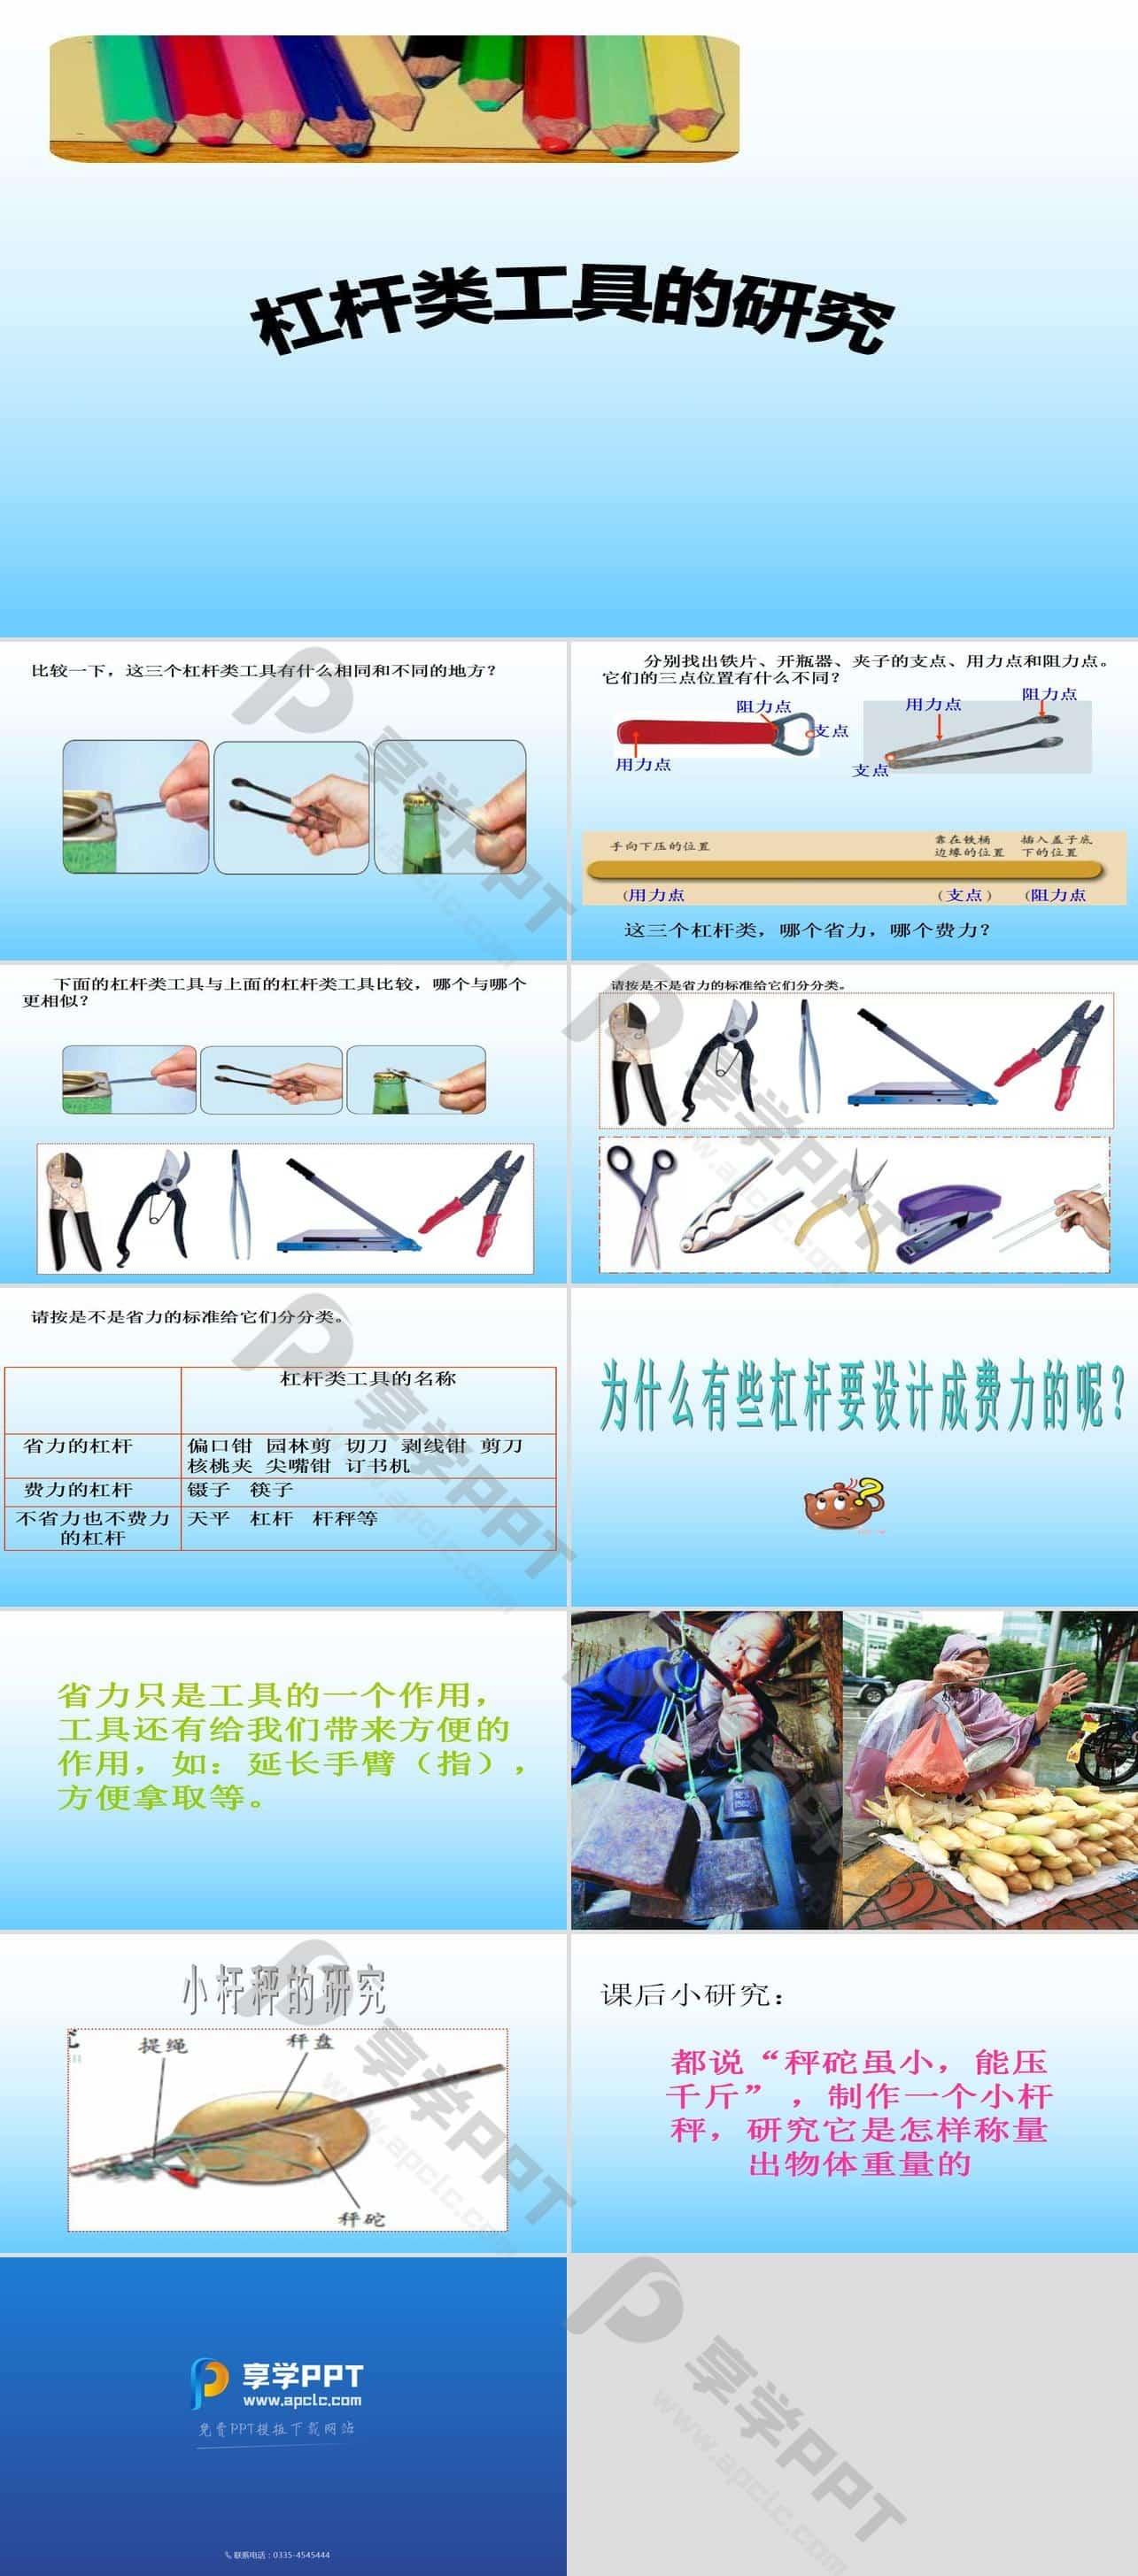 《杠杆类工具的研究》工具和机械PPT课件长图